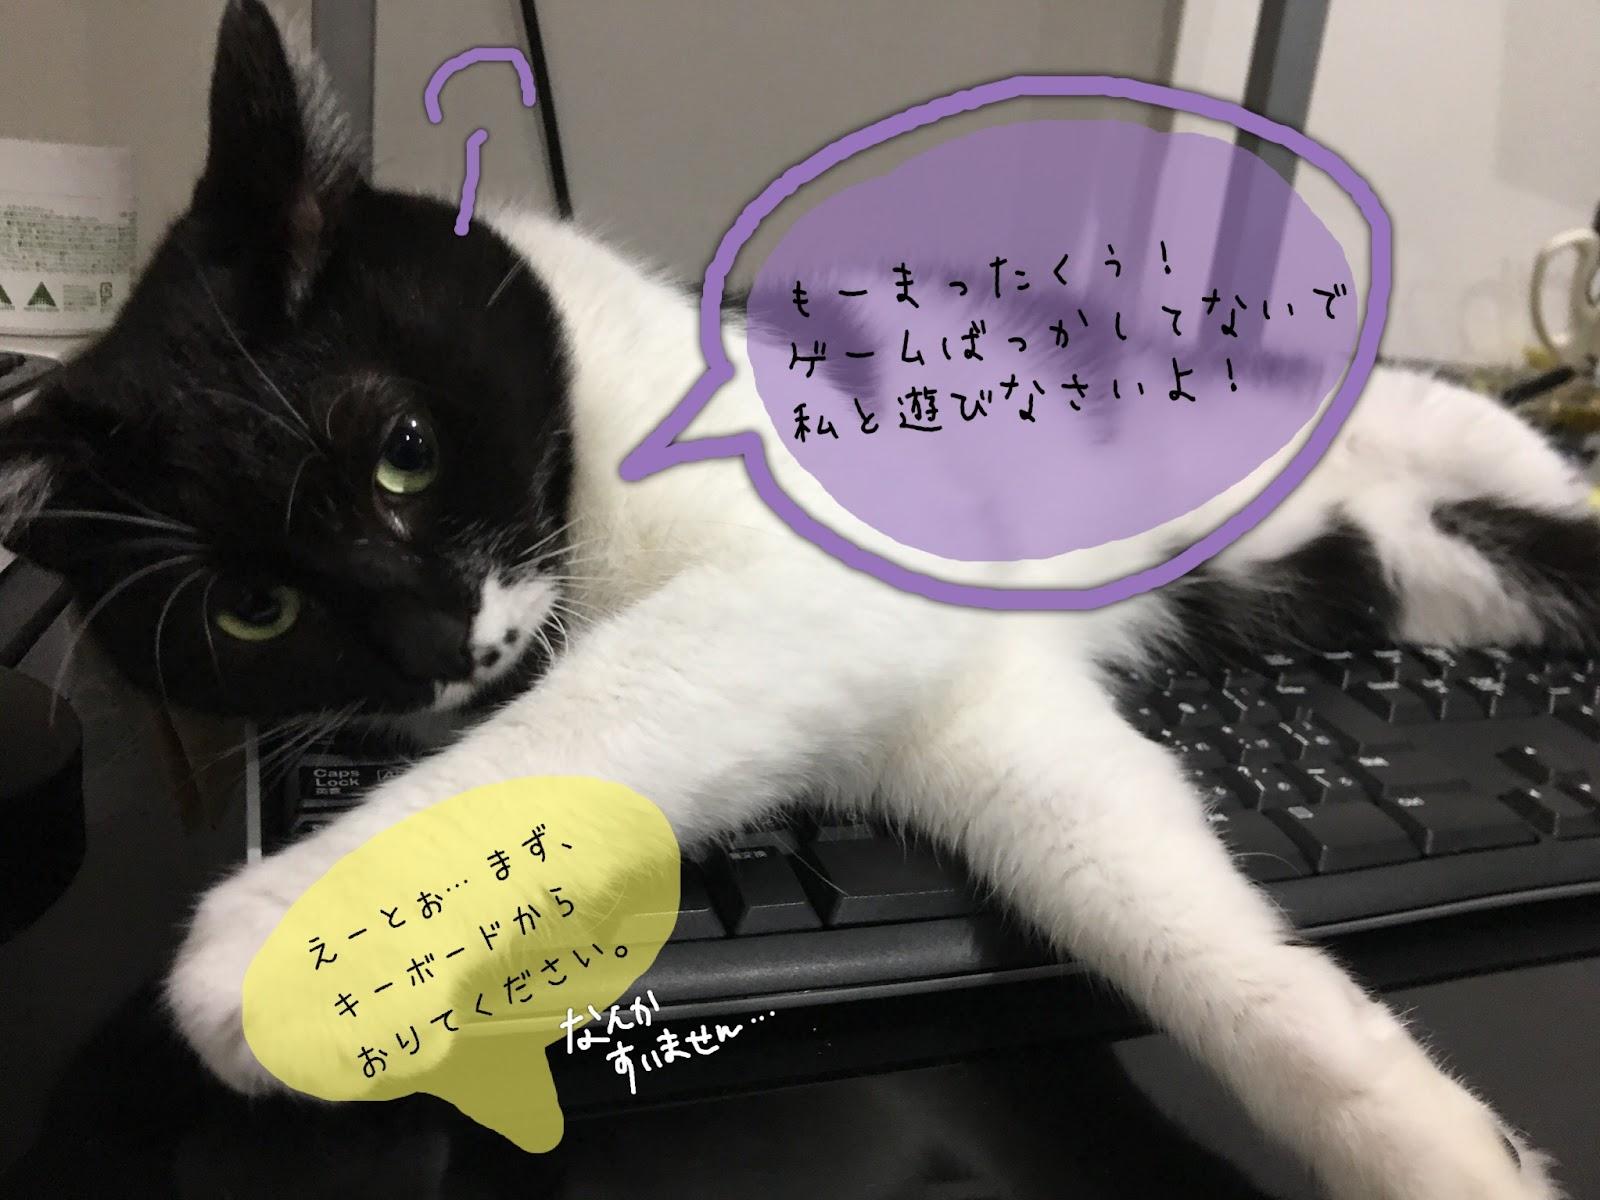 猫のストレス解消!またたびの効果と使い方